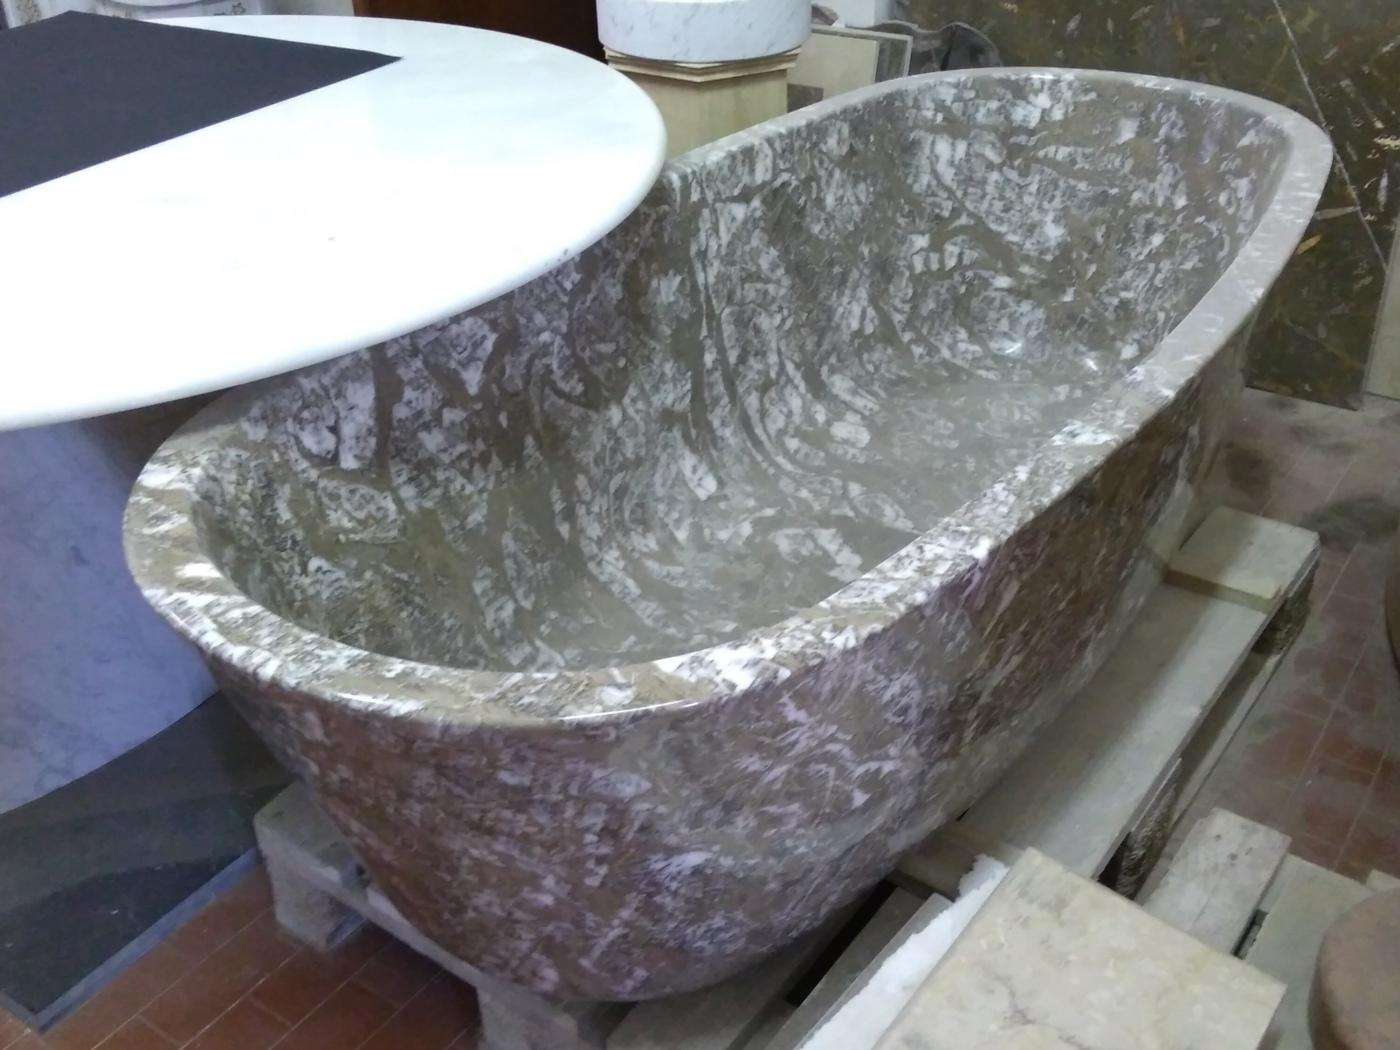 Produttori vasche da bagno il mineralguss e il processo - Produzione vasche da bagno ...